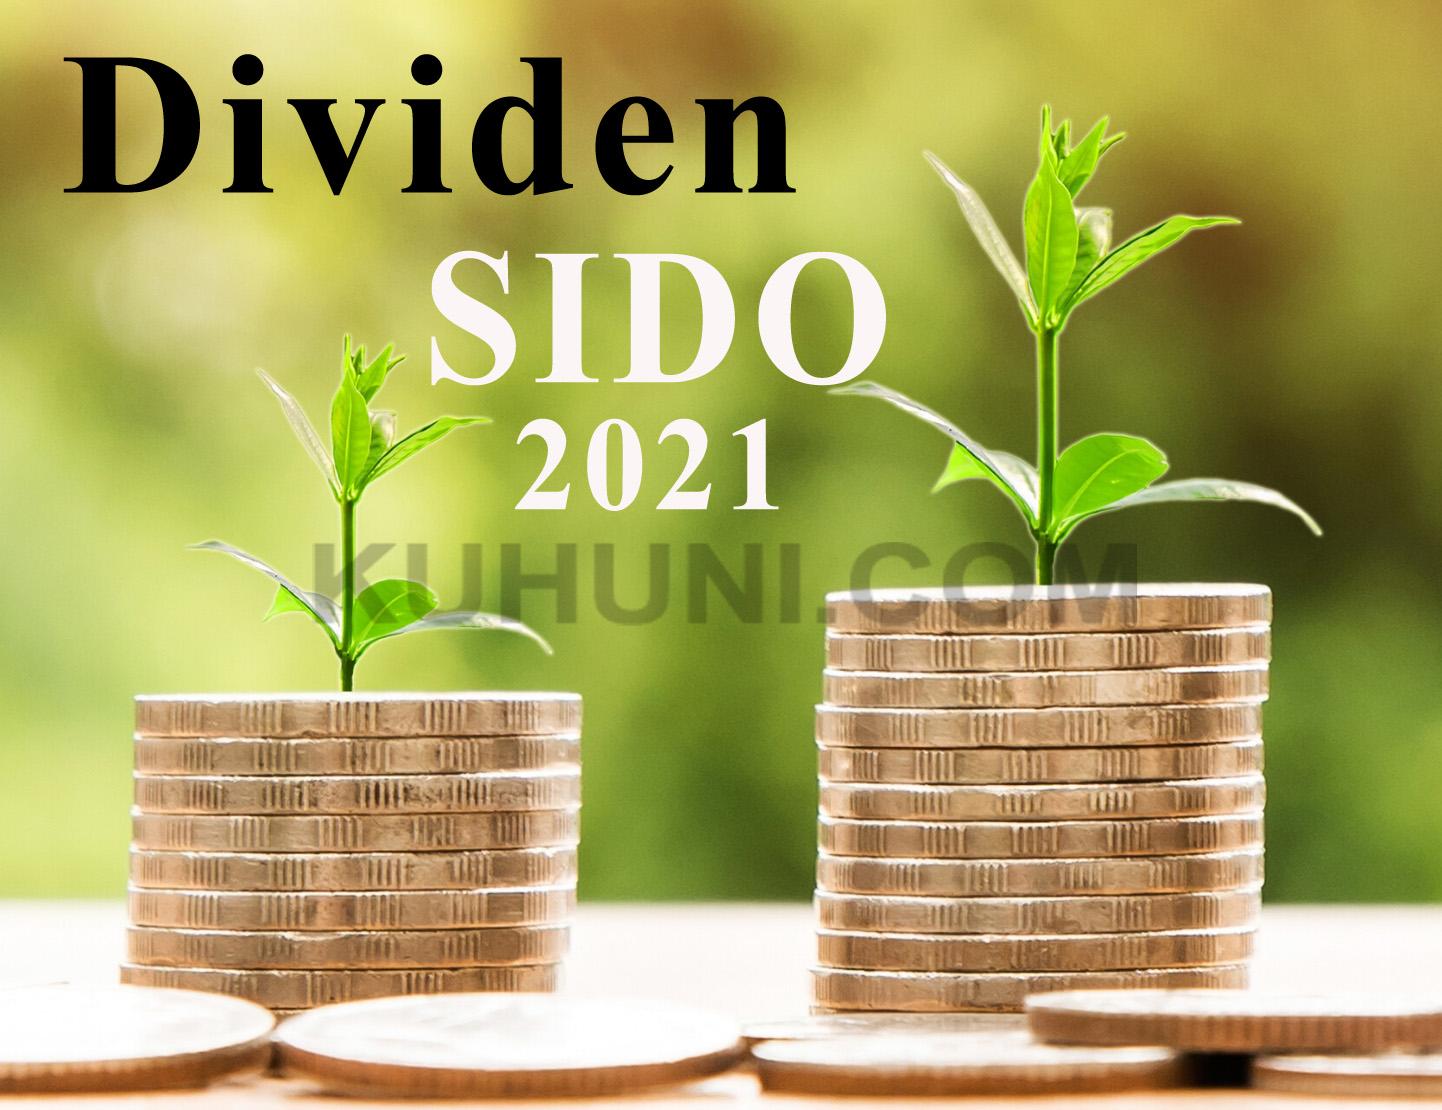 Dividen SIDO 2021